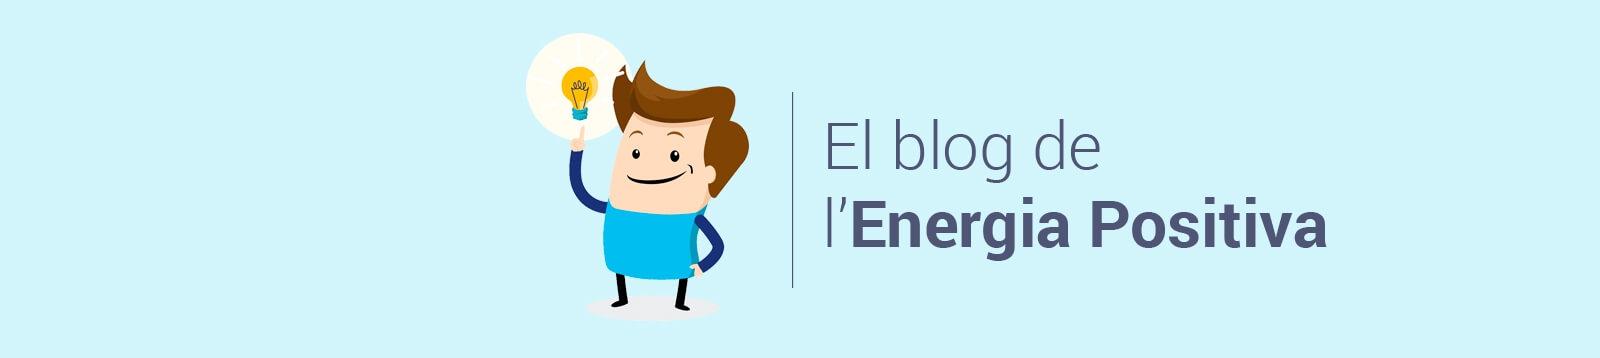 El blog de l'Energia Positiva